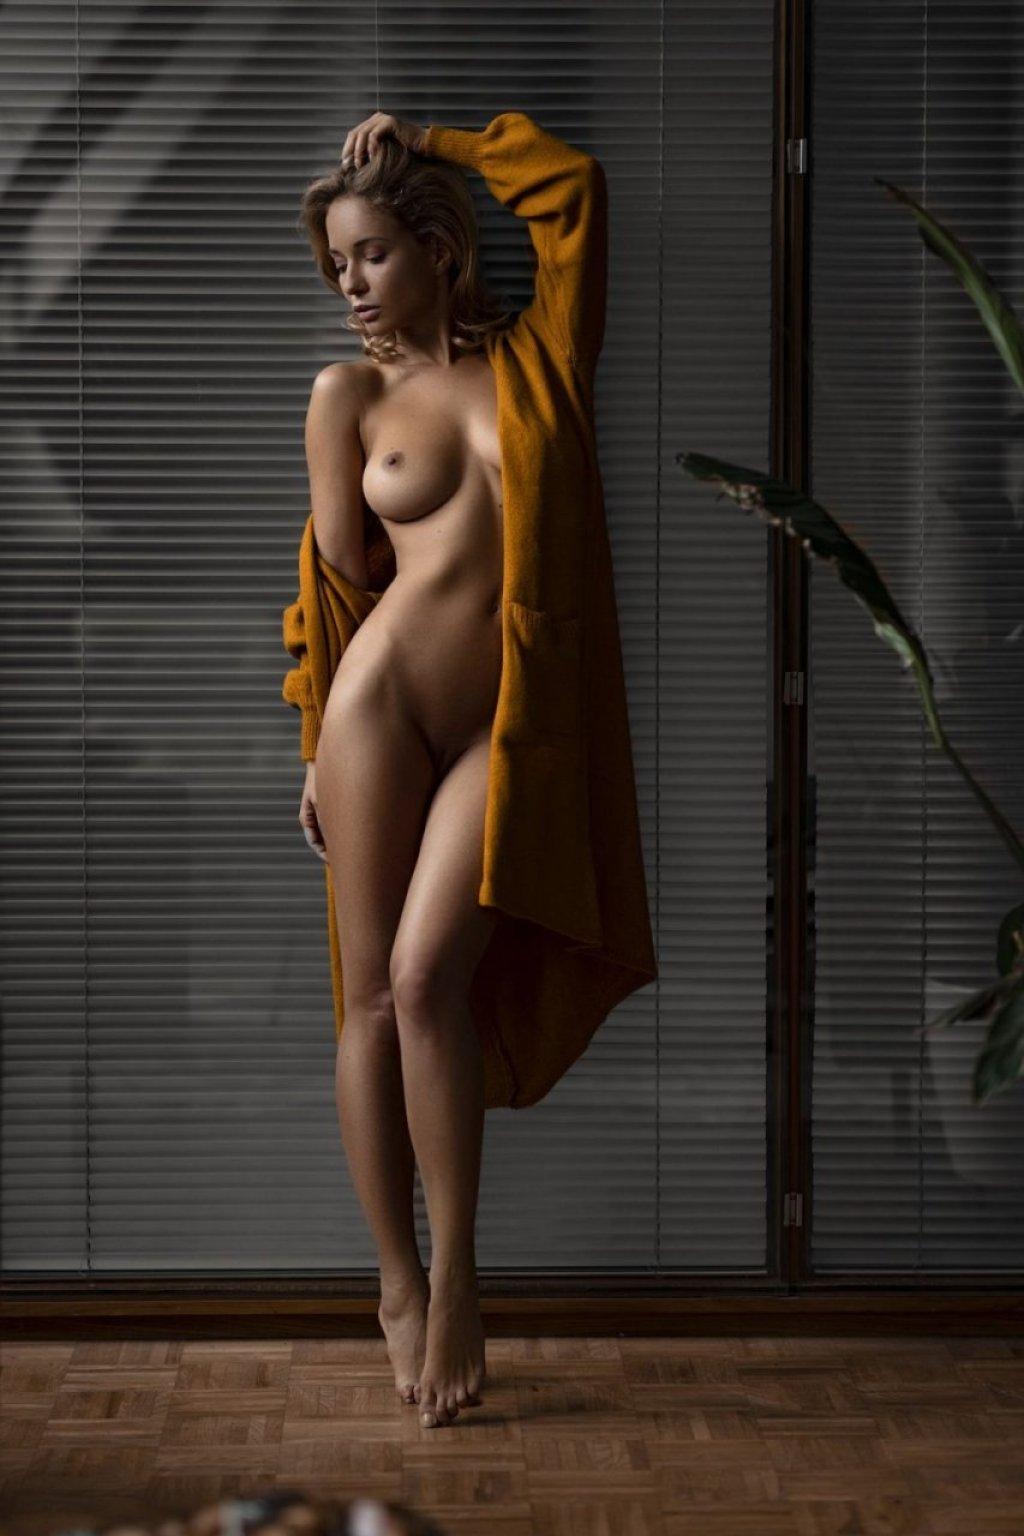 Natalia Andreeva Nude (13 New Photos)